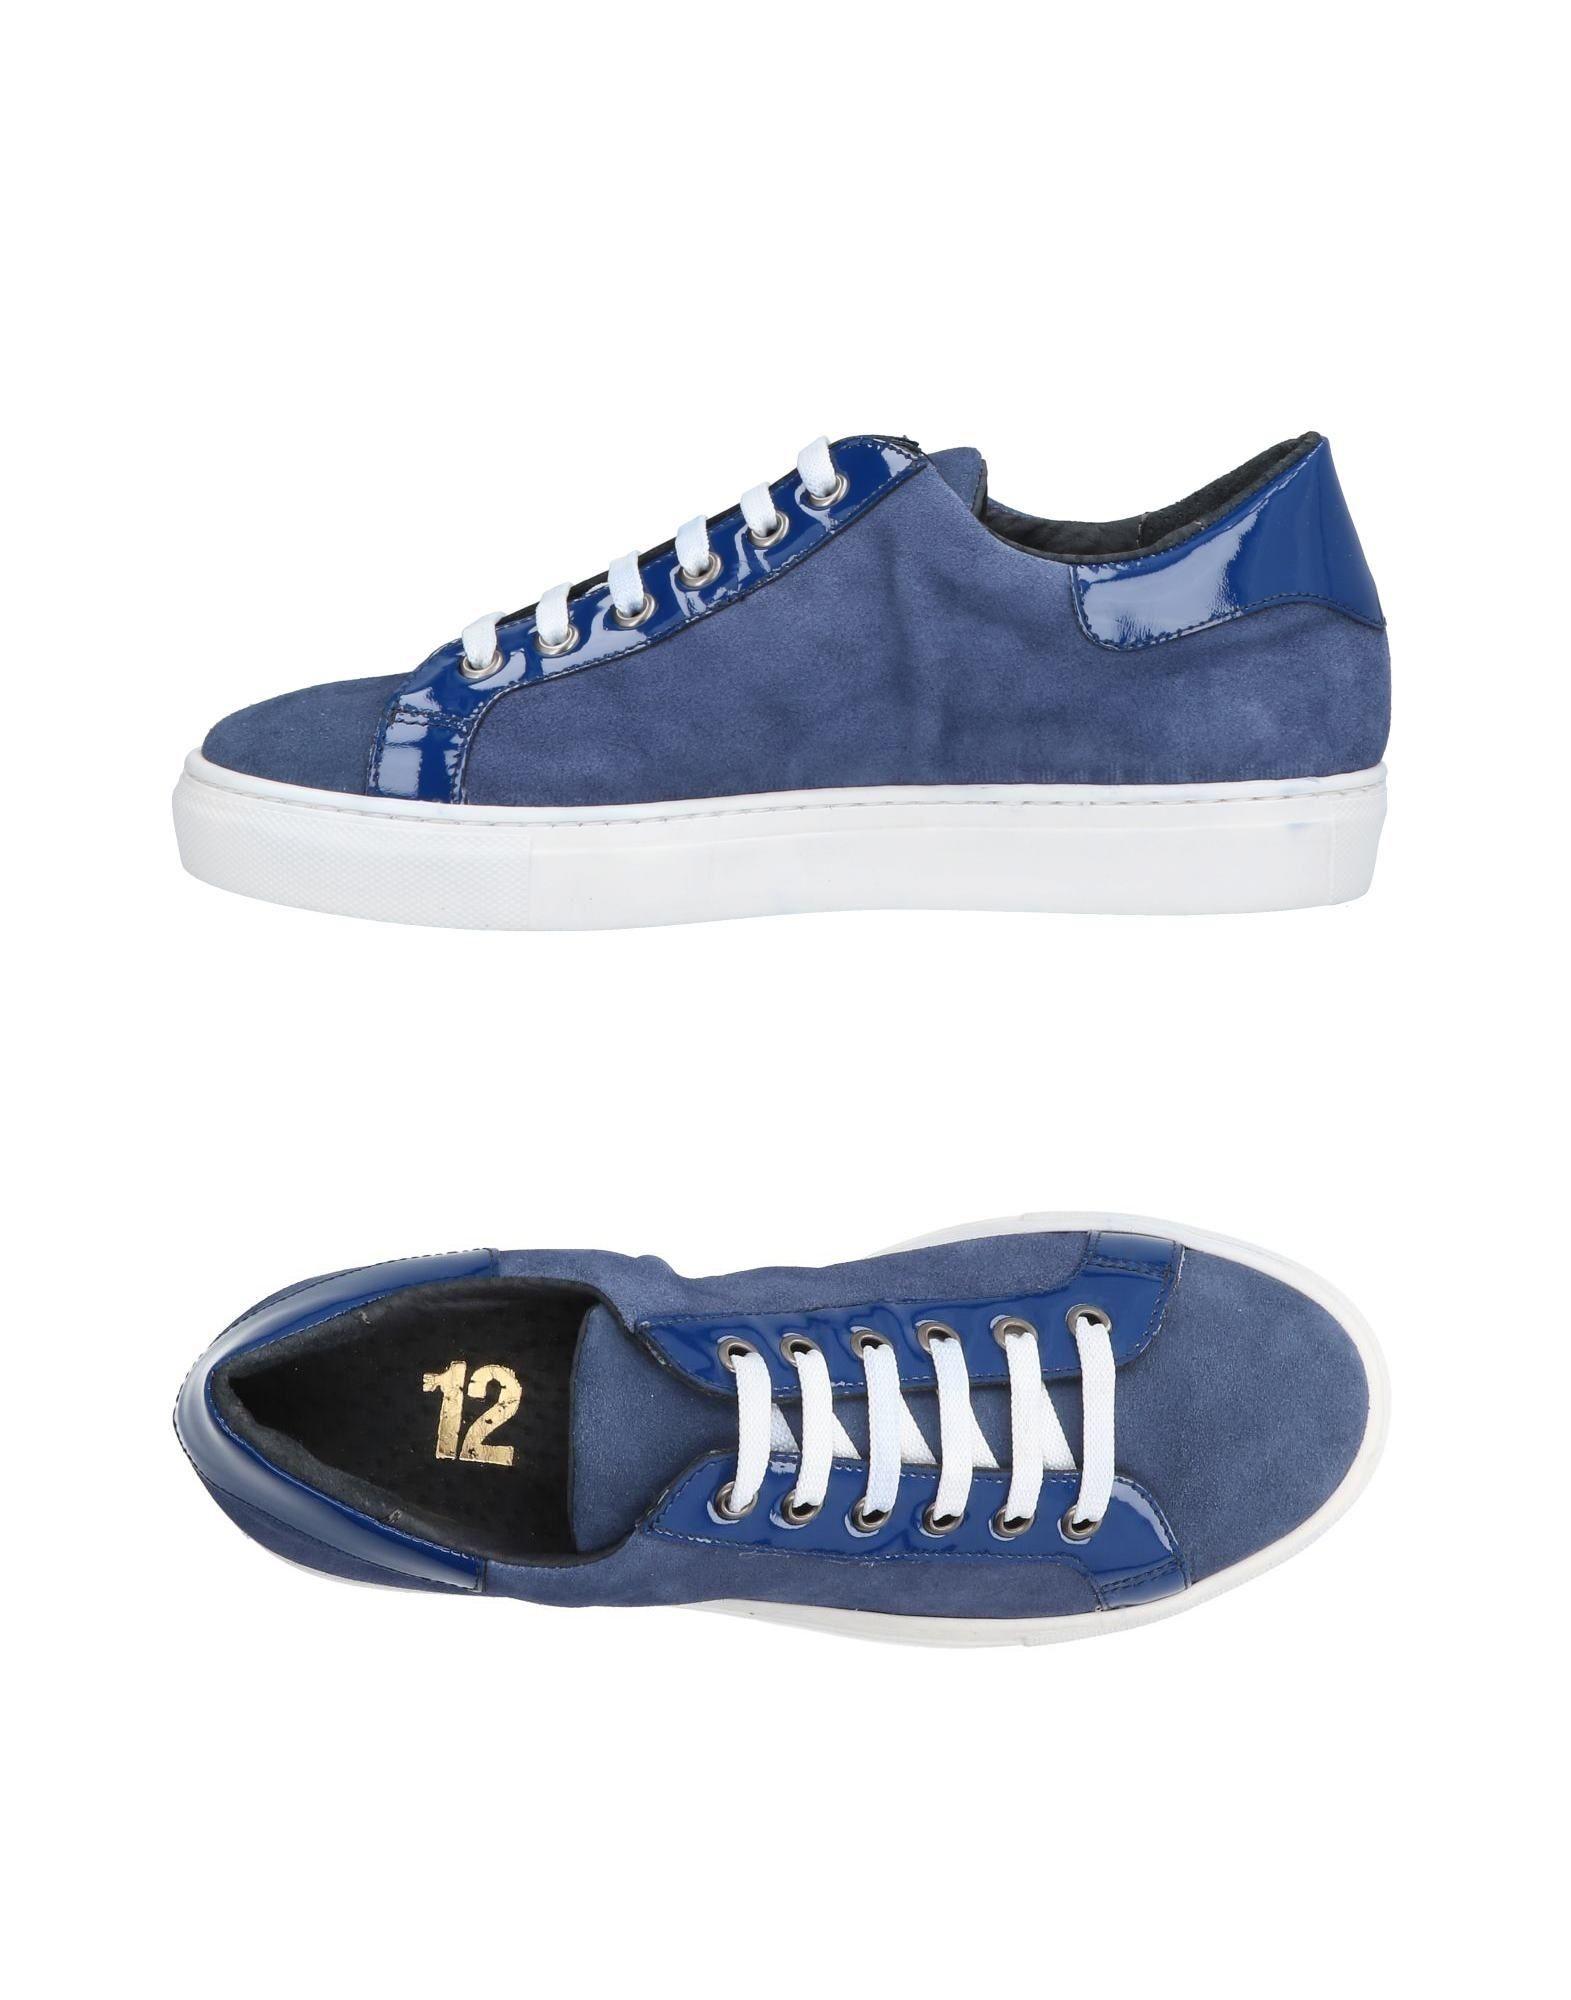 Tsd12 Sneakers Damen  11456348QO Gute Qualität beliebte Schuhe